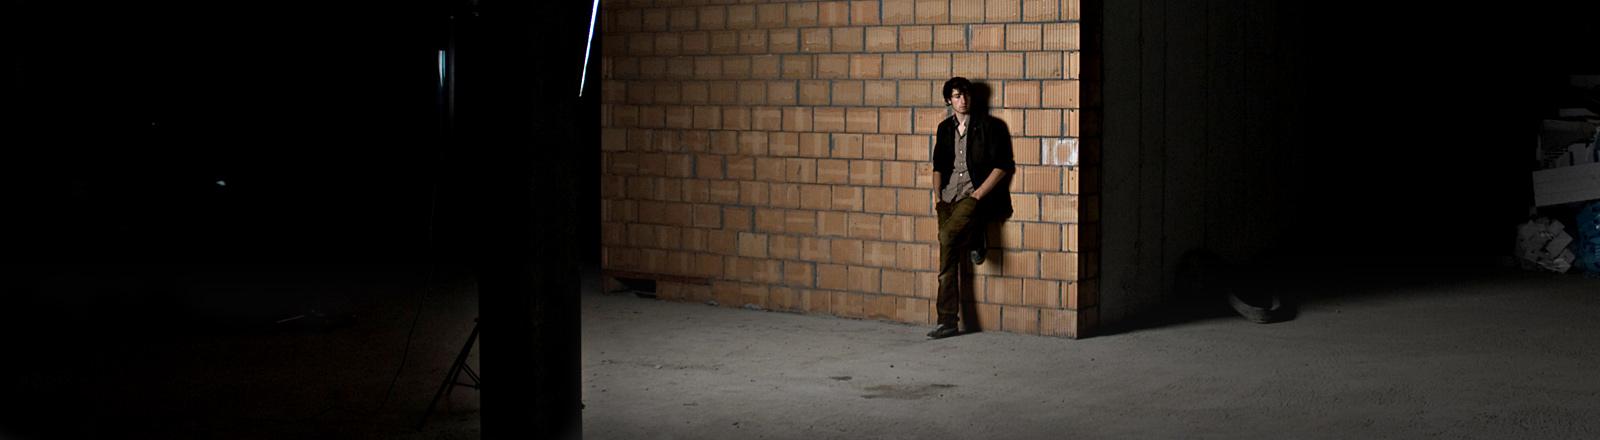 Ein Mann lehnt in einer dunklen Ecke an einer Hauswand.